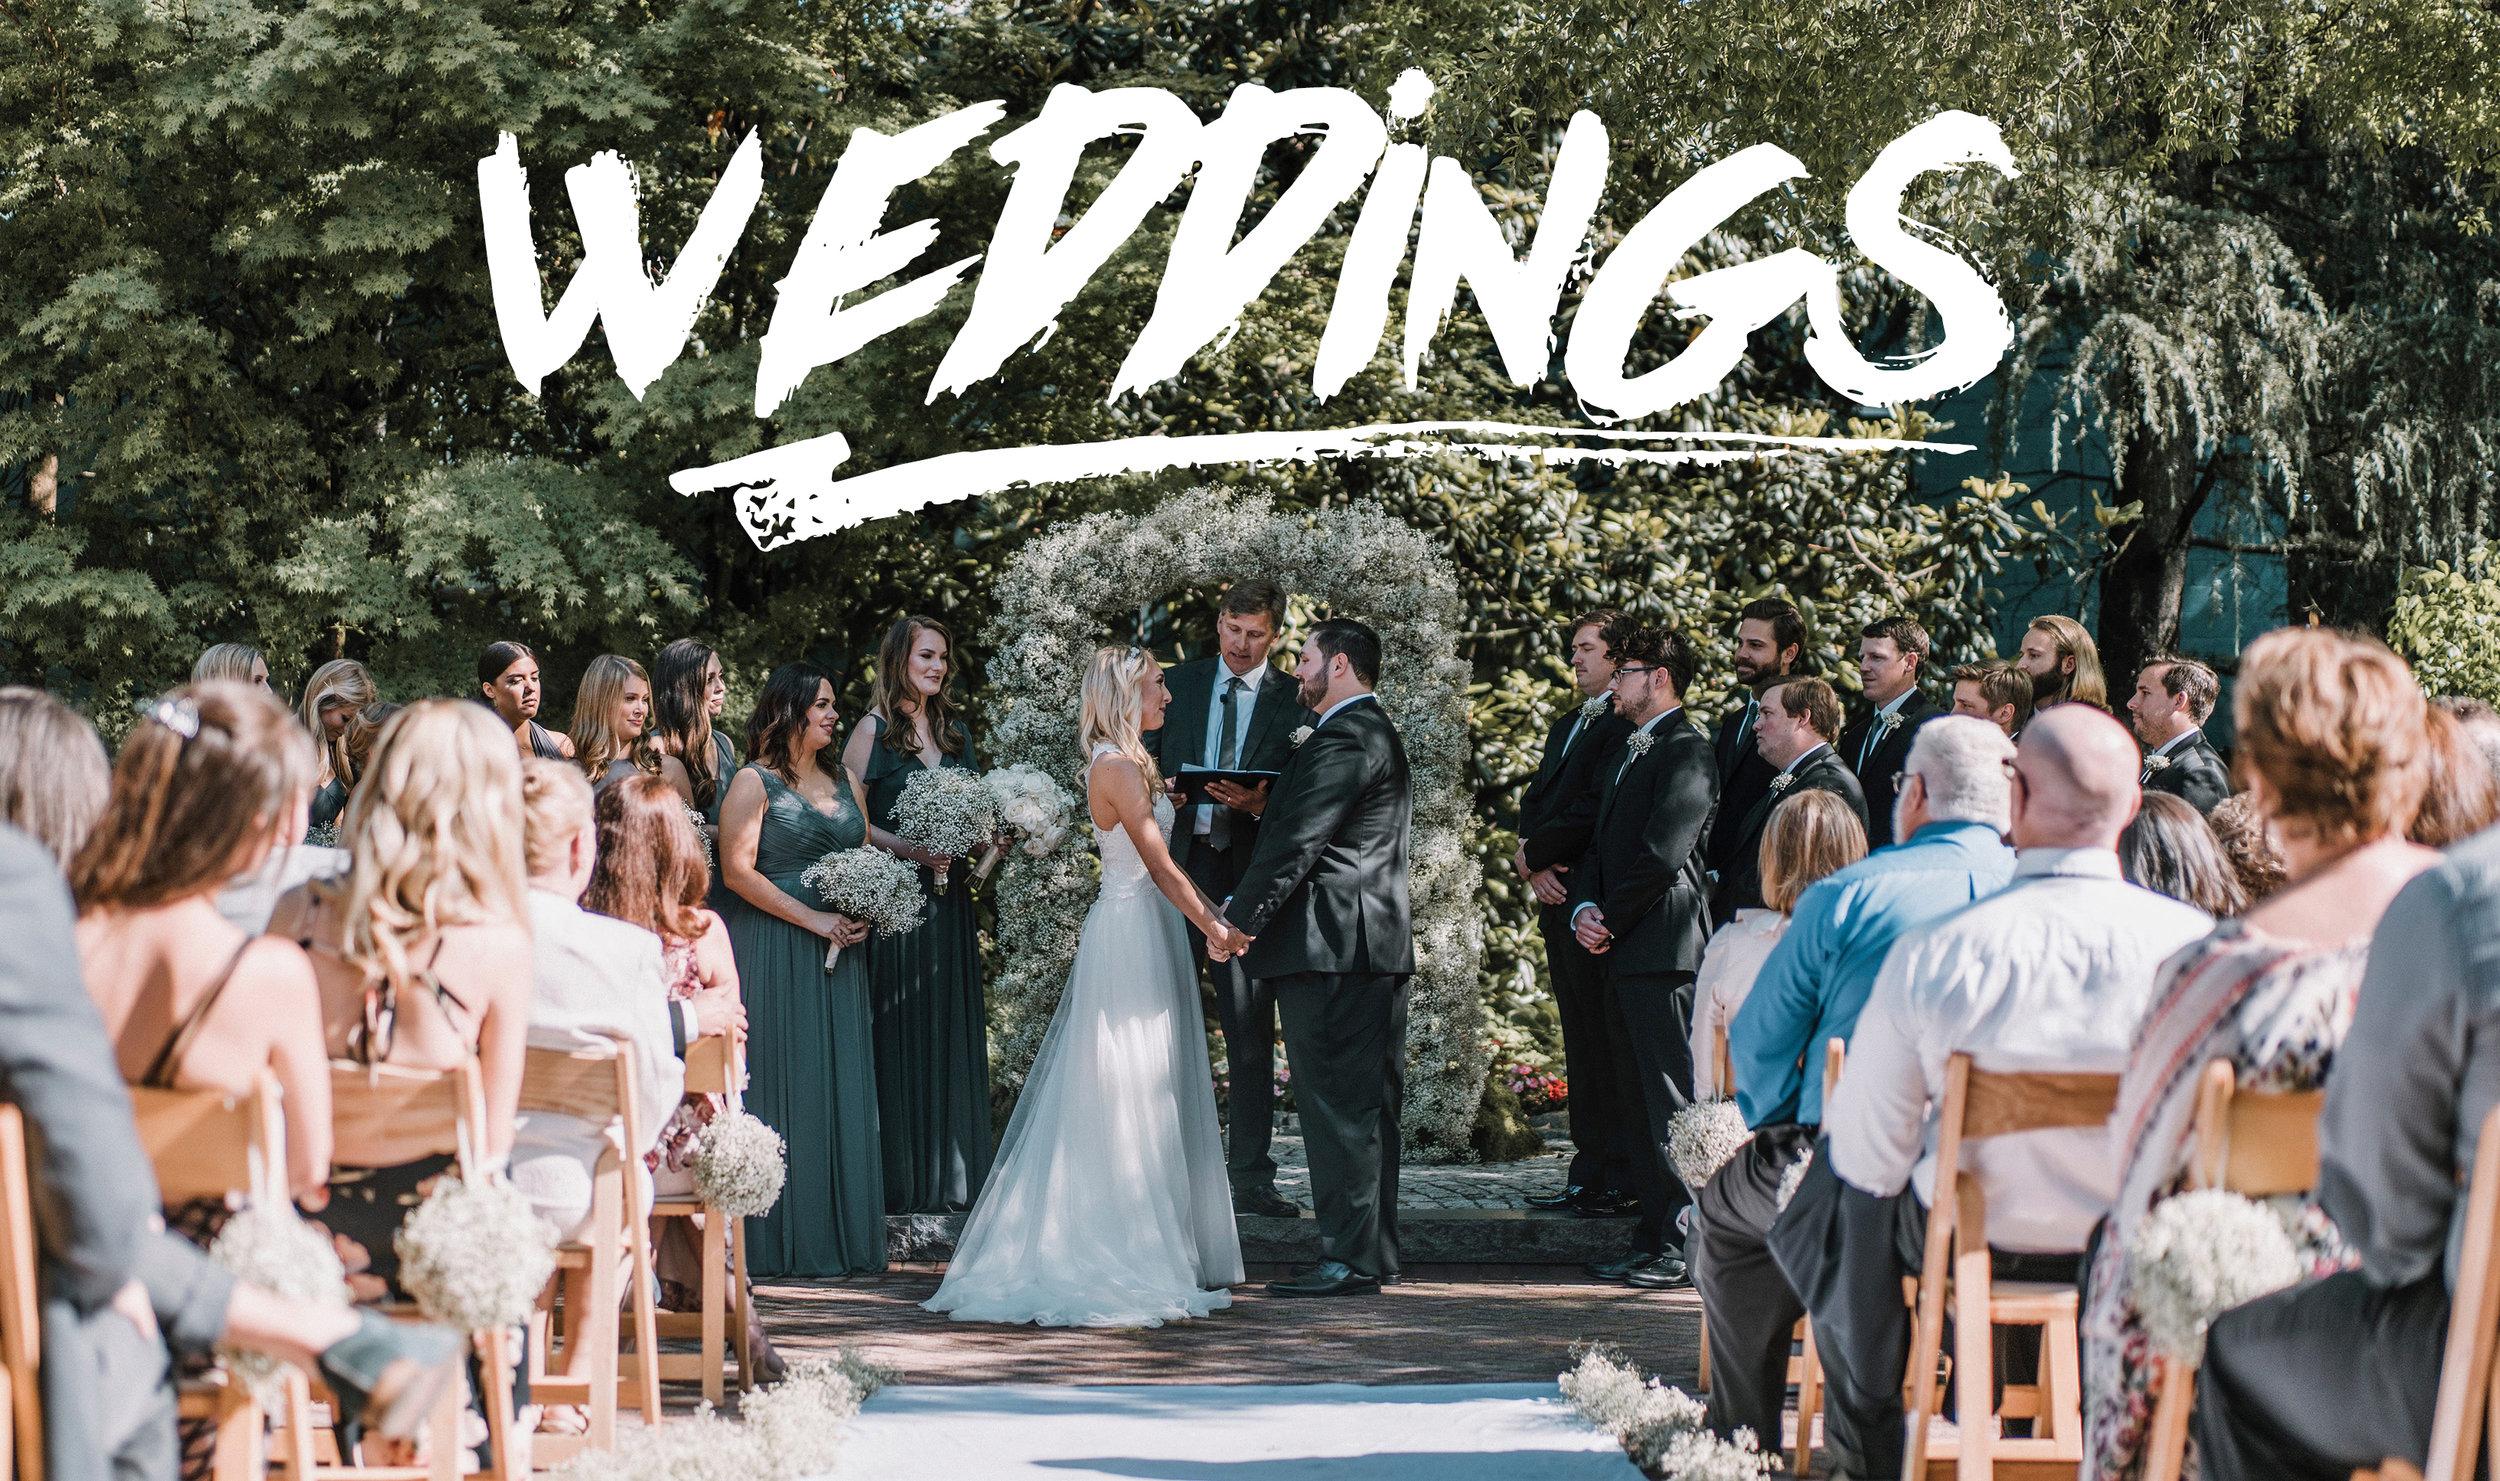 Weddings-Label.jpg